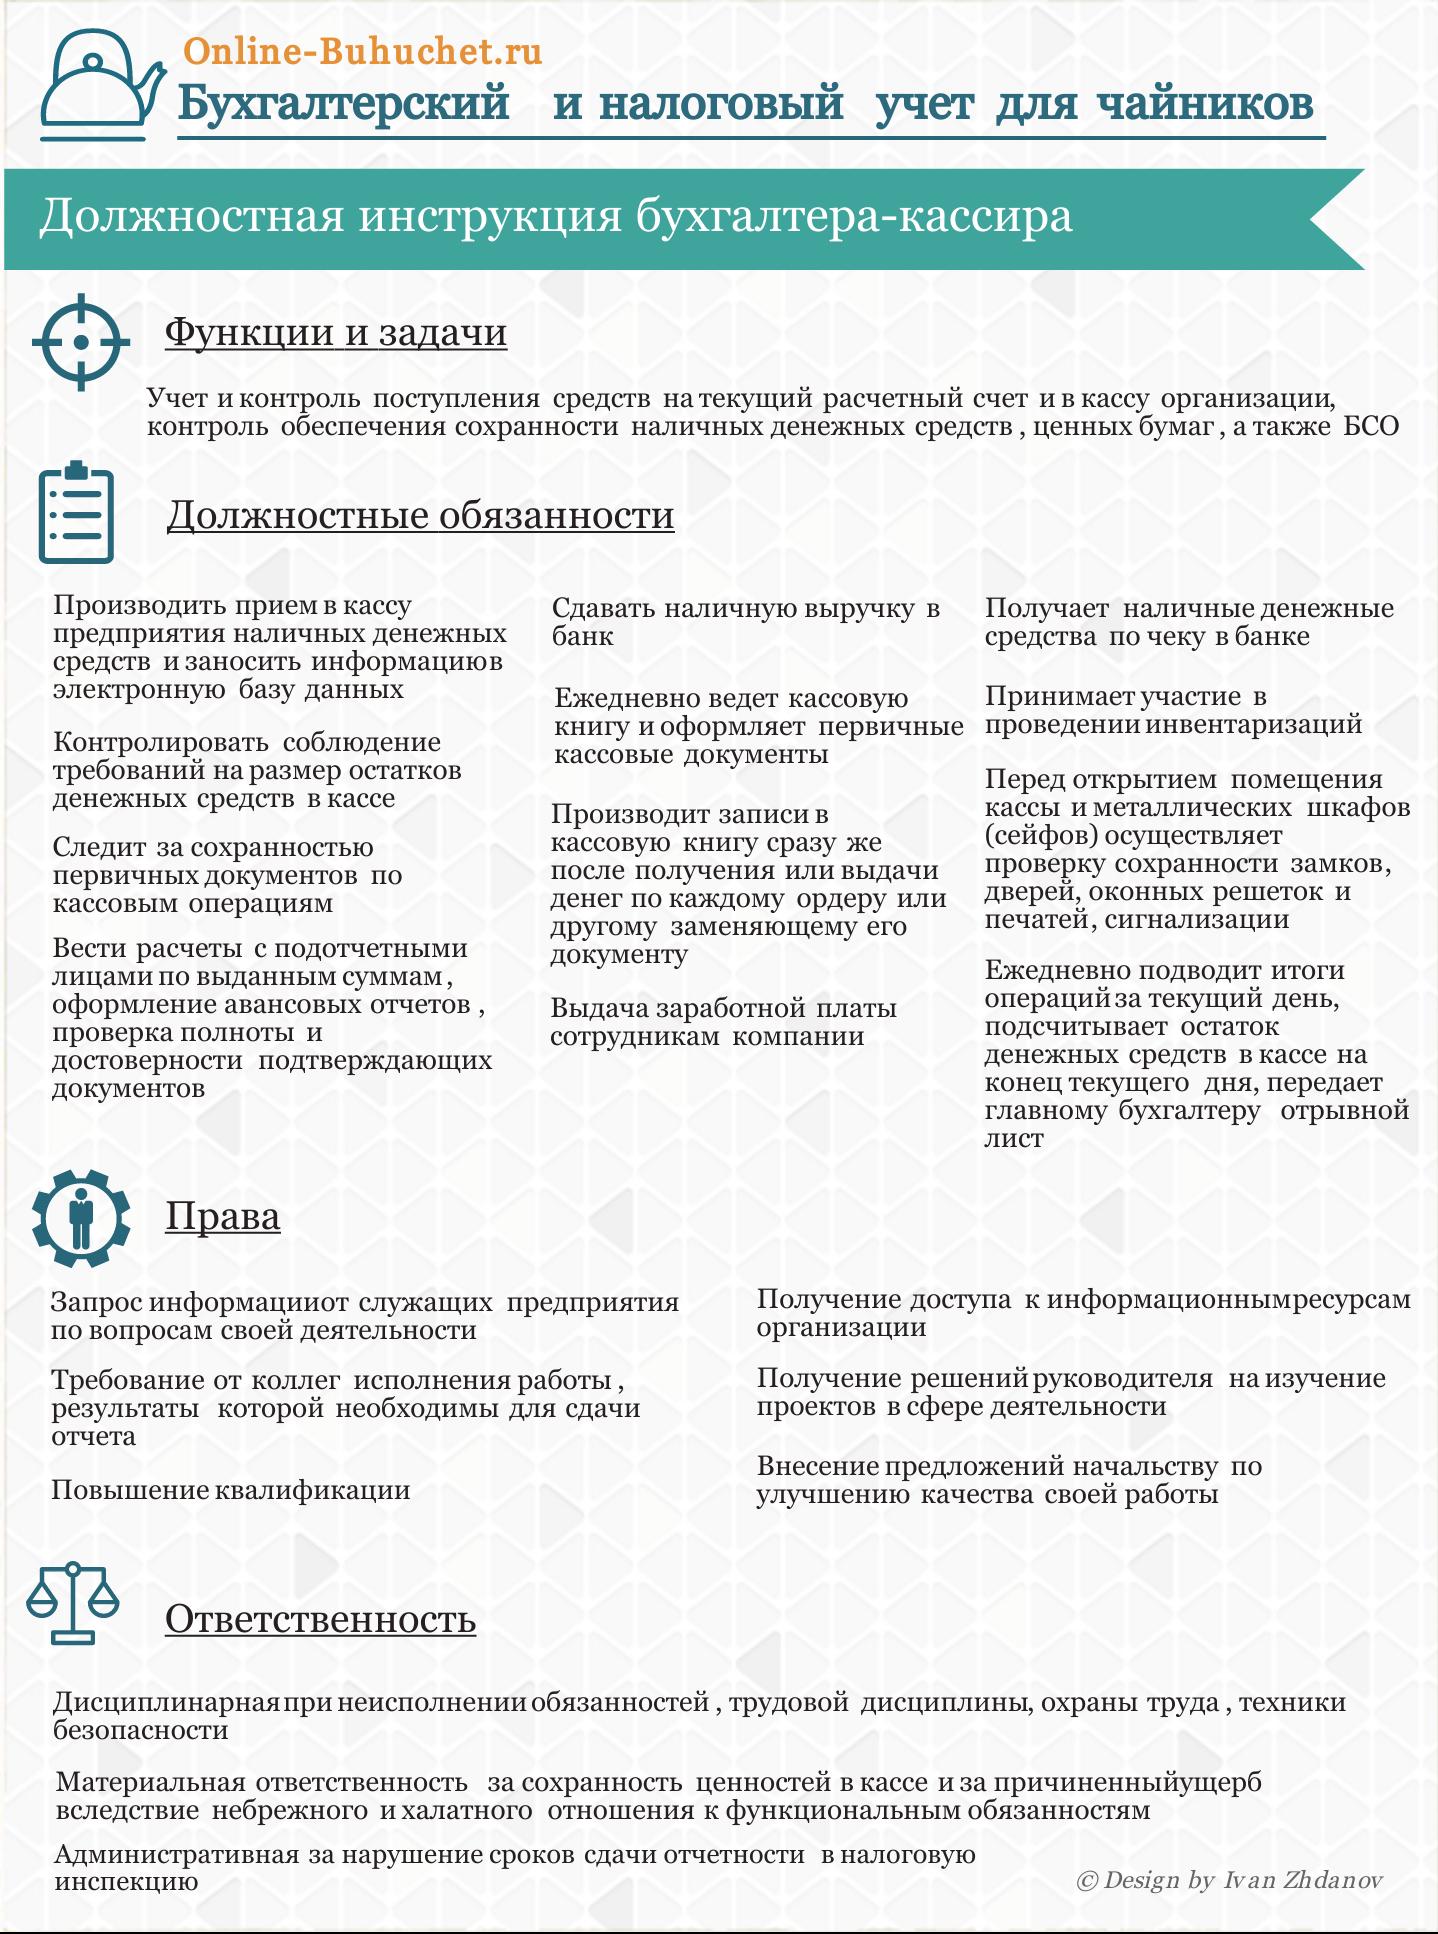 Должностные инструкции кассира бюджетного учреждения